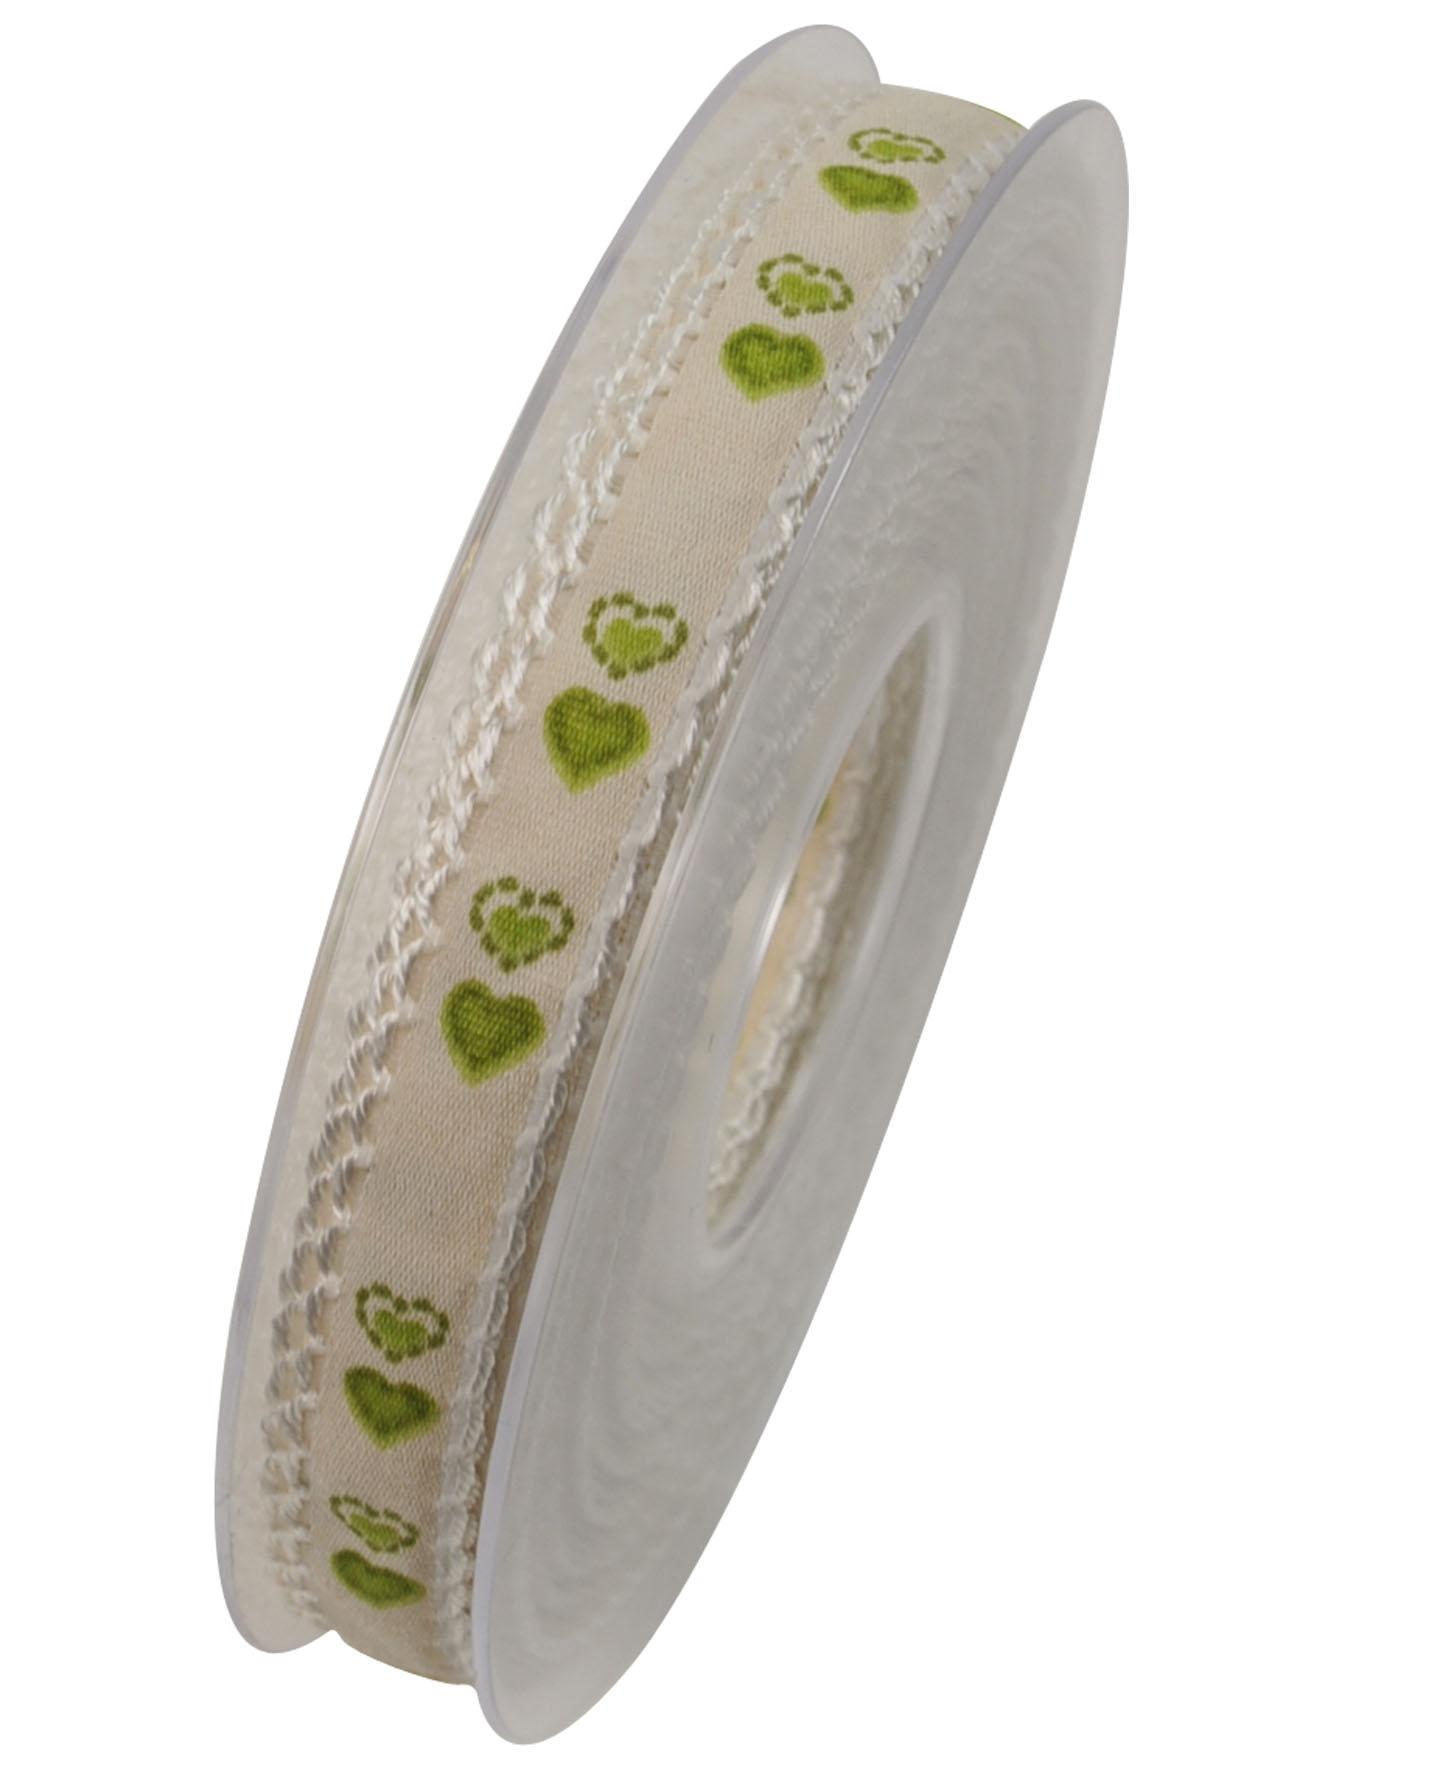 Nastri x558 015 551 ingrosso bomboniere oggettistica articoli per wedding planner - Nastri decorativi natalizi ...